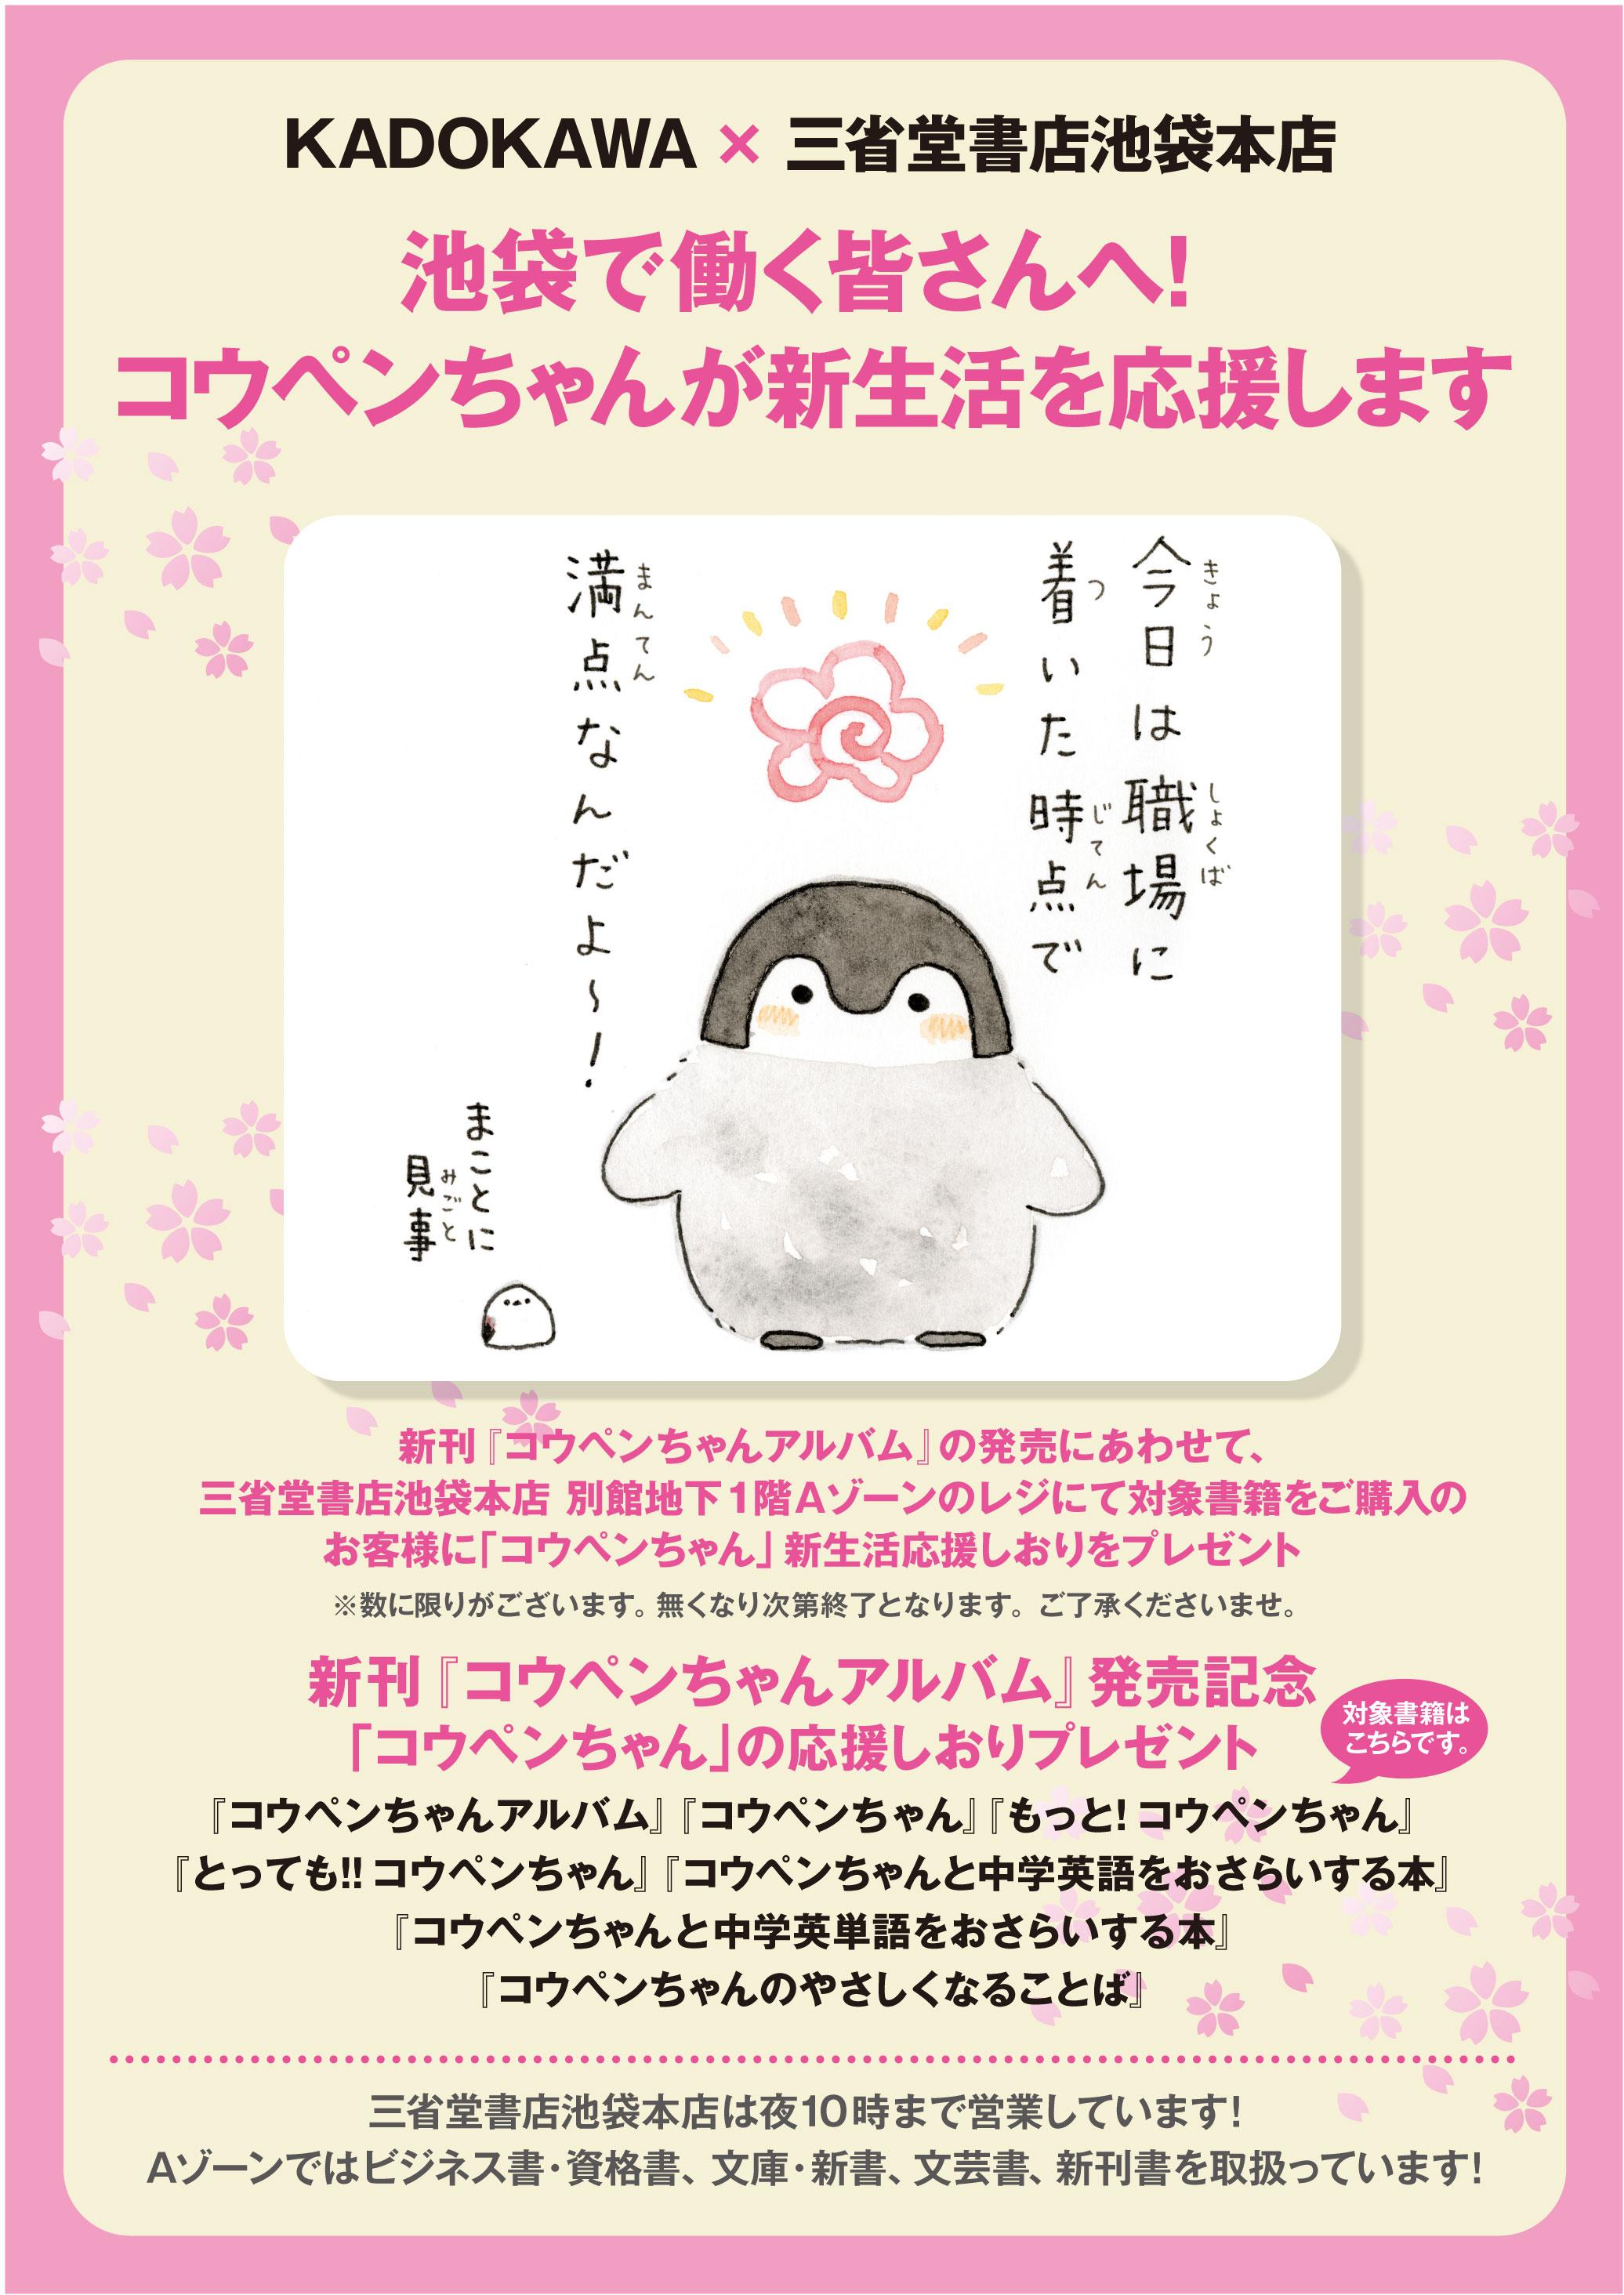 【予告】コウペンちゃん応援しおりプレゼントキャンペーン